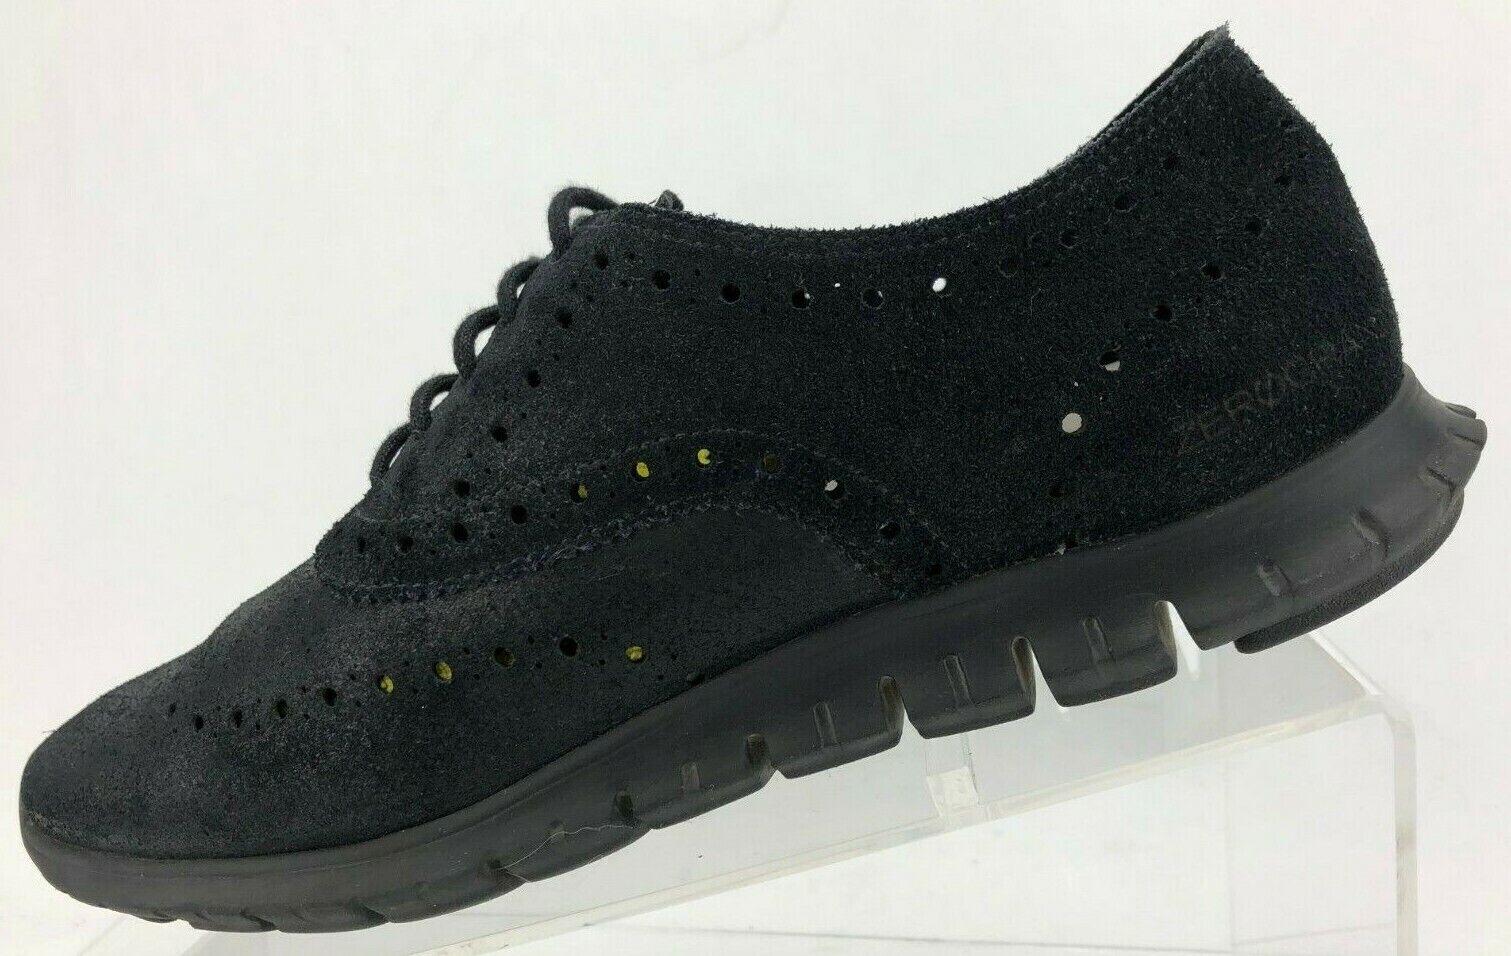 Cole Haan zerogrand punta del ala Oxford Zapatos Con Cordones Comodidad De Gamuza Negra Para Mujer 8 B